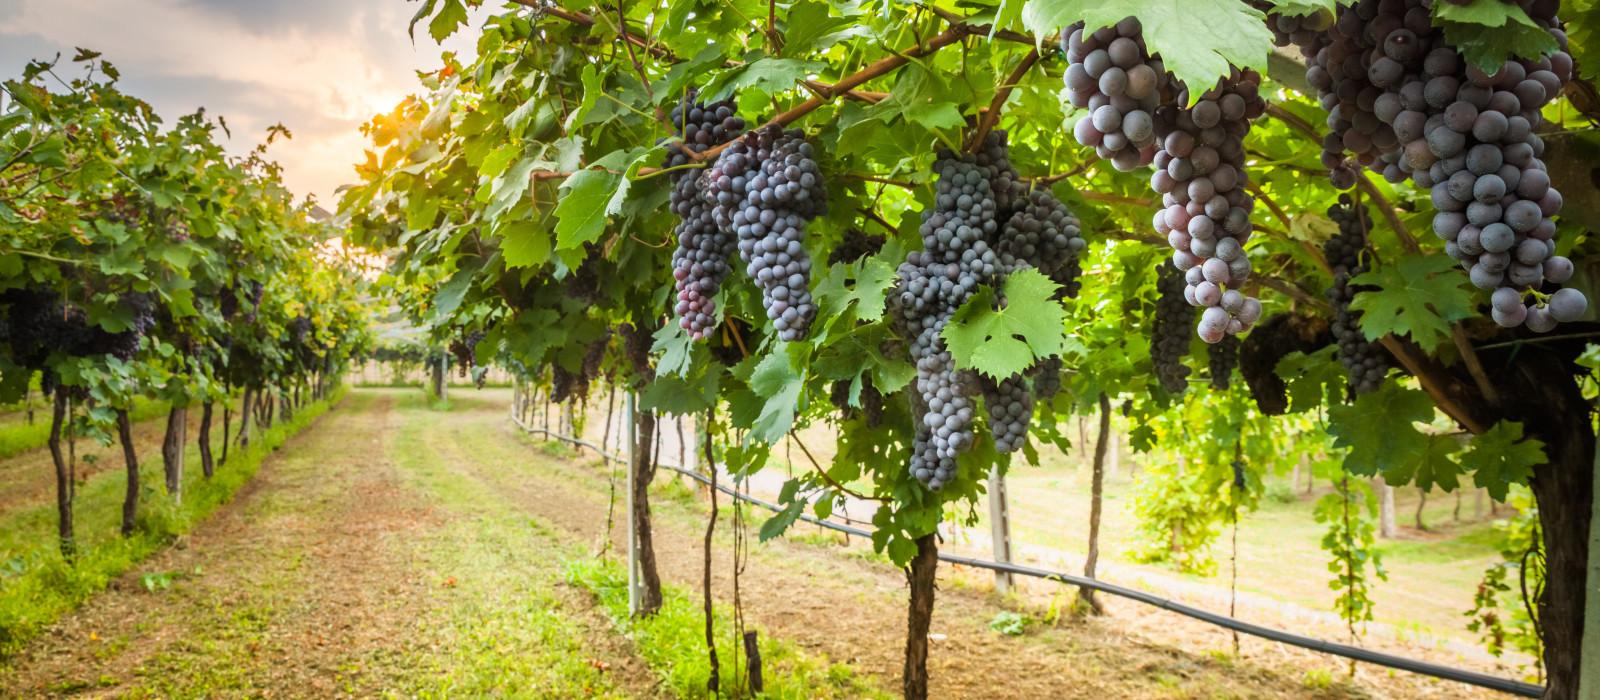 Grape harvest in Napa